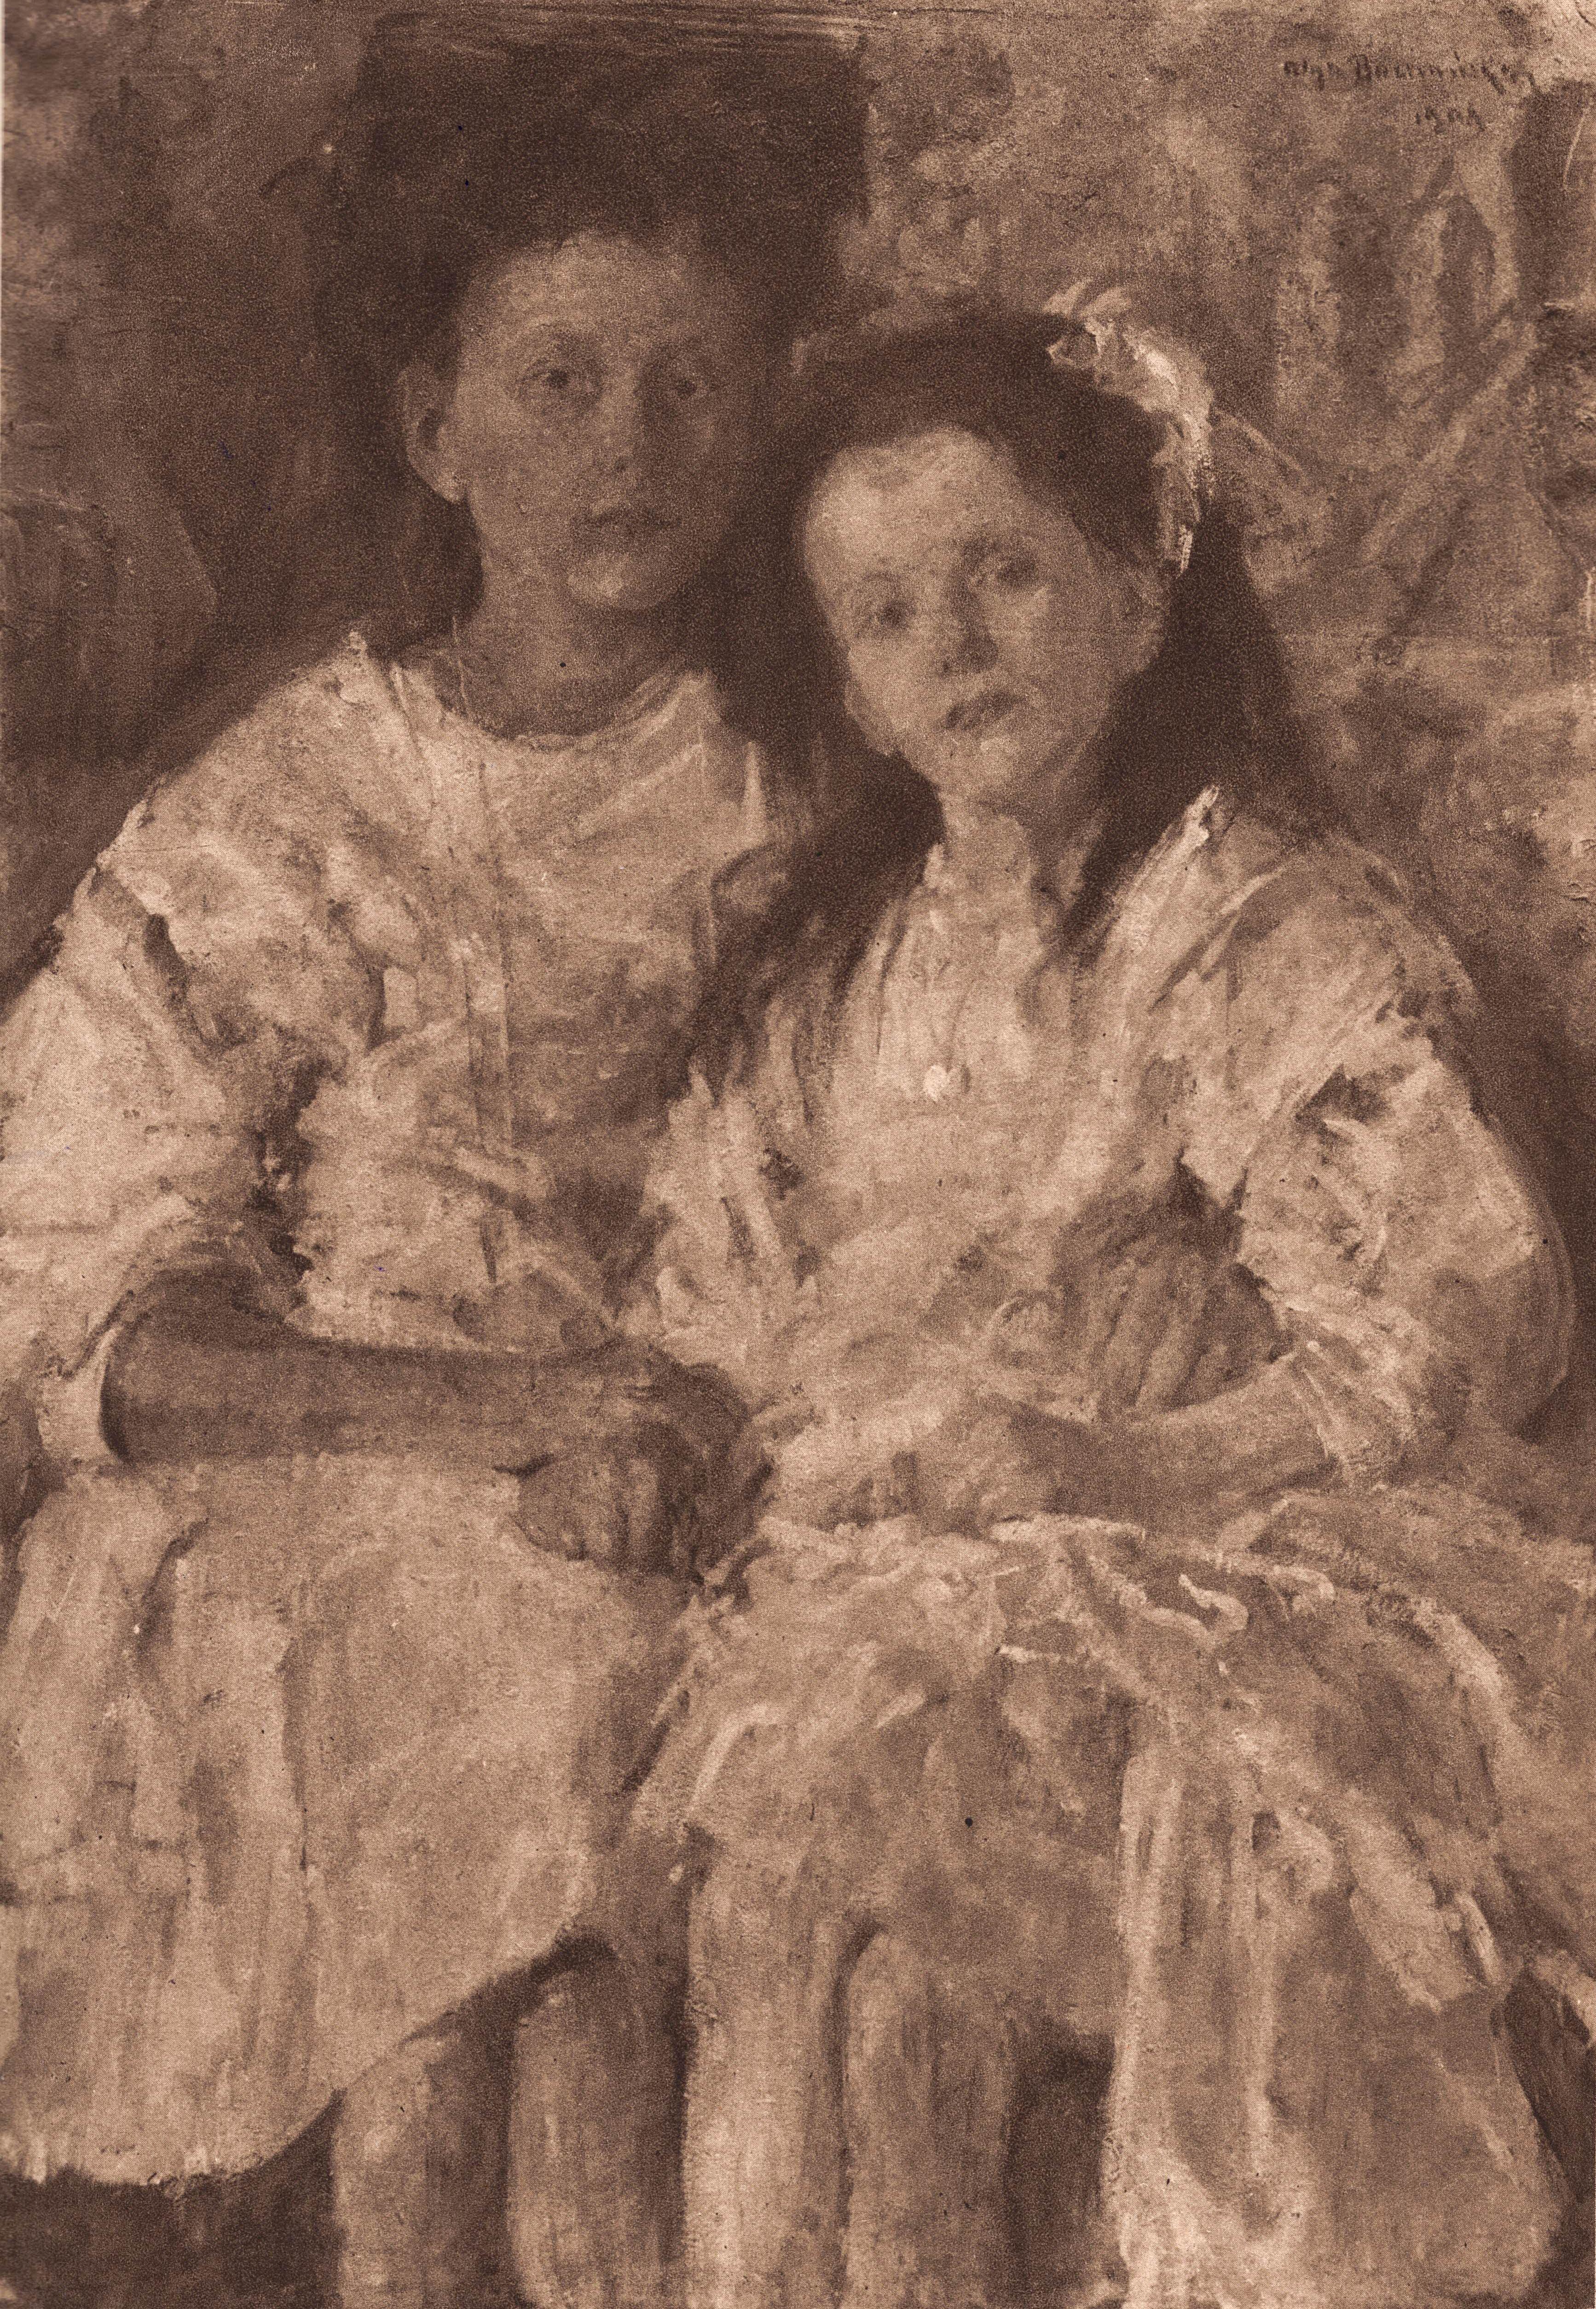 """Olga Boznańska (1865-1940) """"Portret dziewczynek Heleny i Władysławy Chmielarczyk"""", 1906 rok, reprodukcja ze """"Sztuk Pięknych"""" z 1925 roku, przed przemalowaniem"""